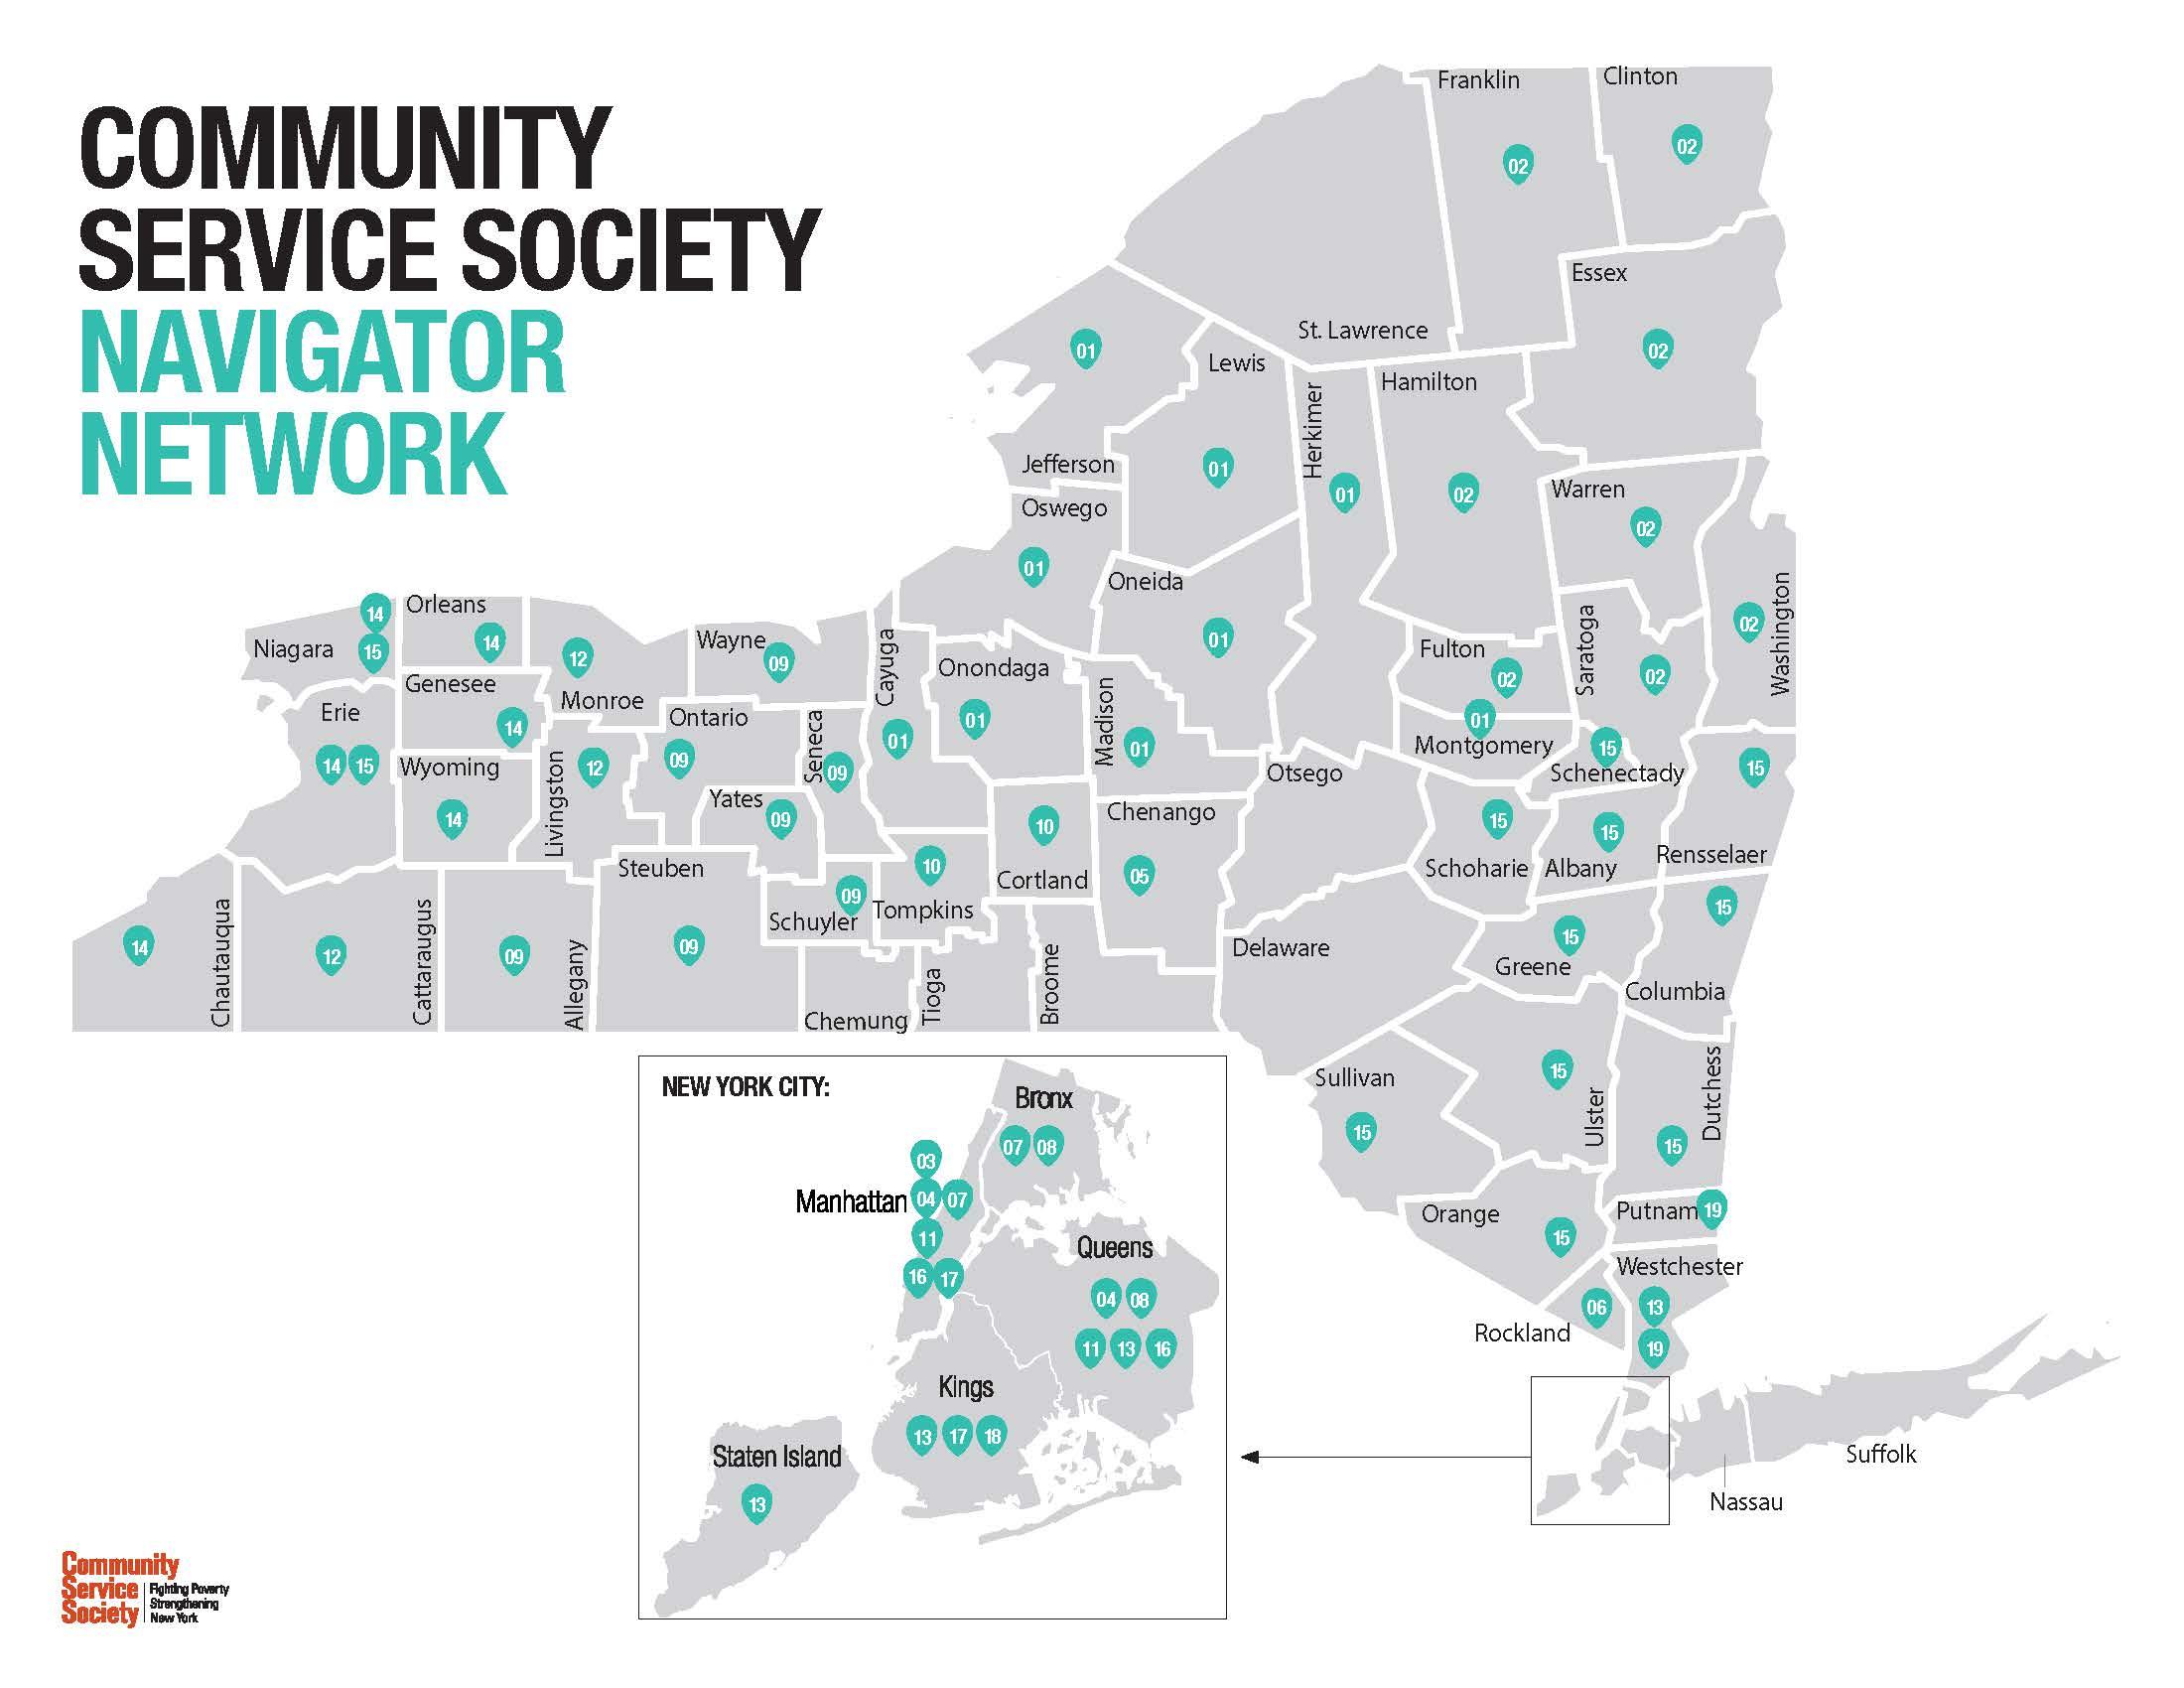 Community Service Society of NY